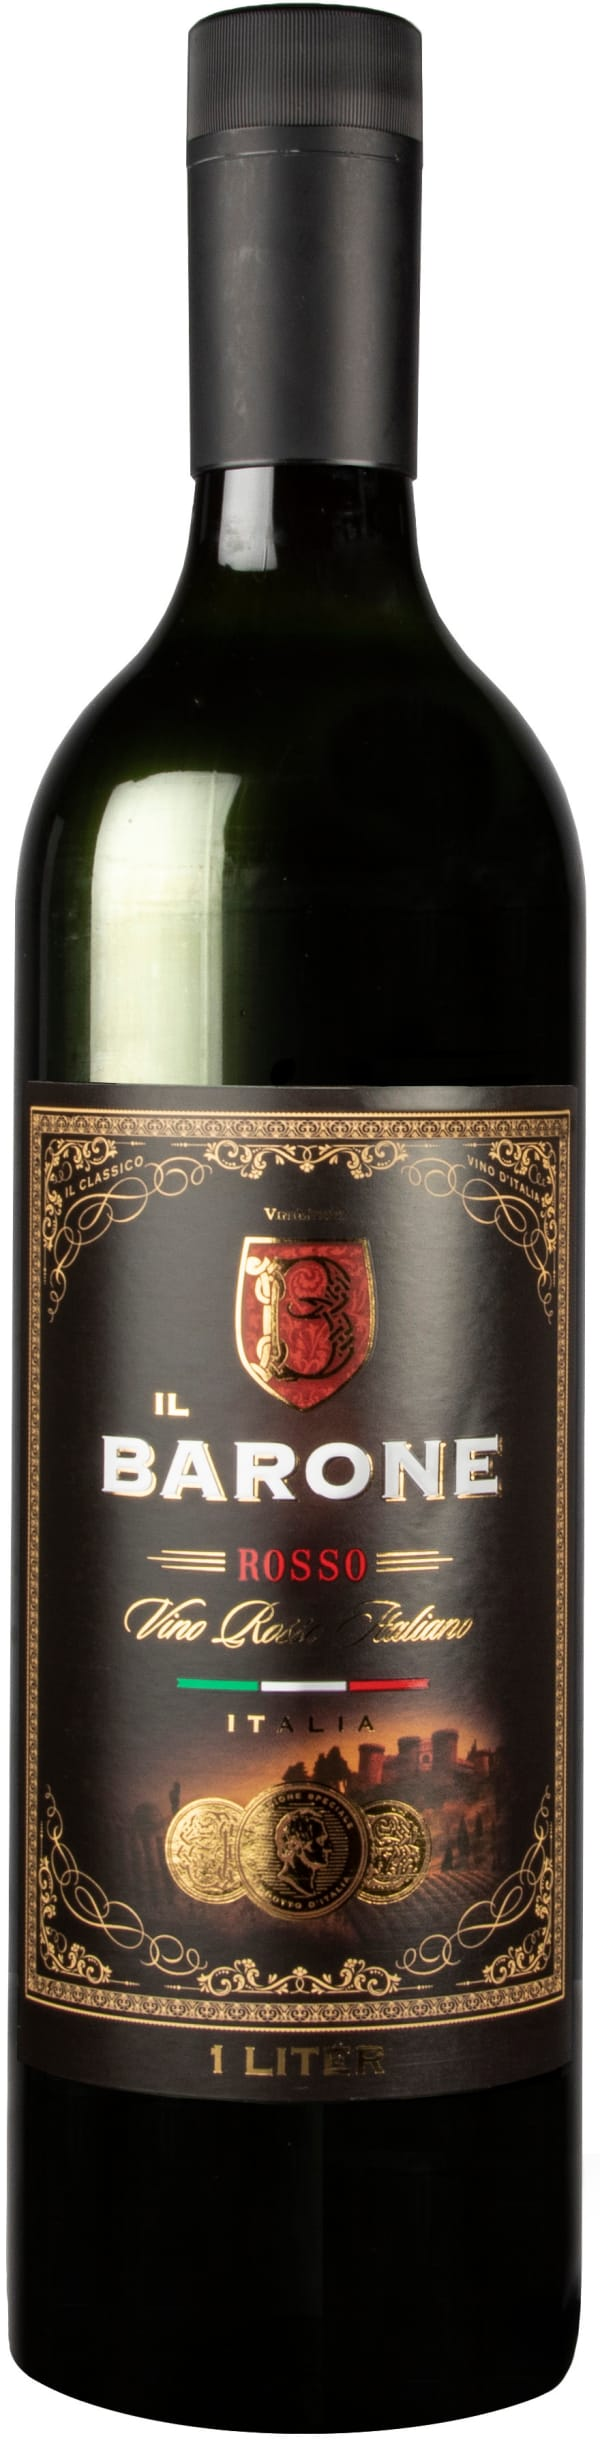 Il Barone Rosso 2019 plastic bottle